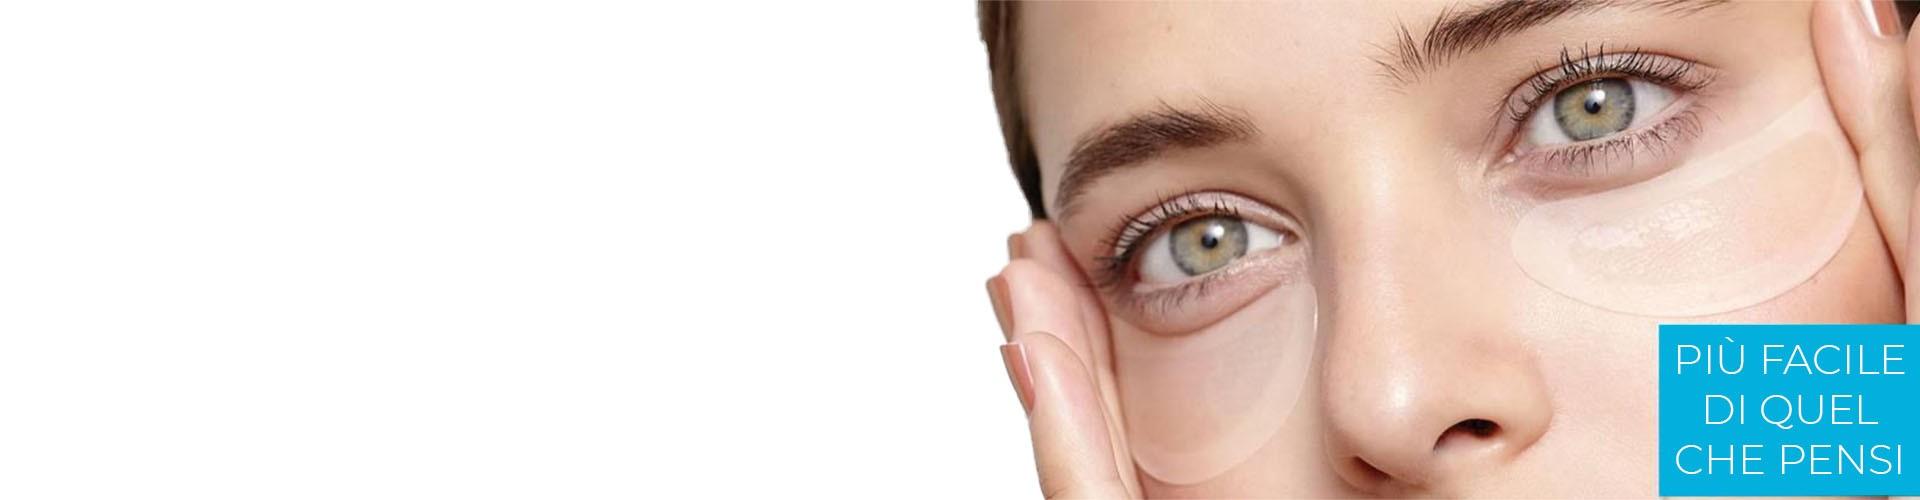 Cerotto anti-aging per contorno occhi